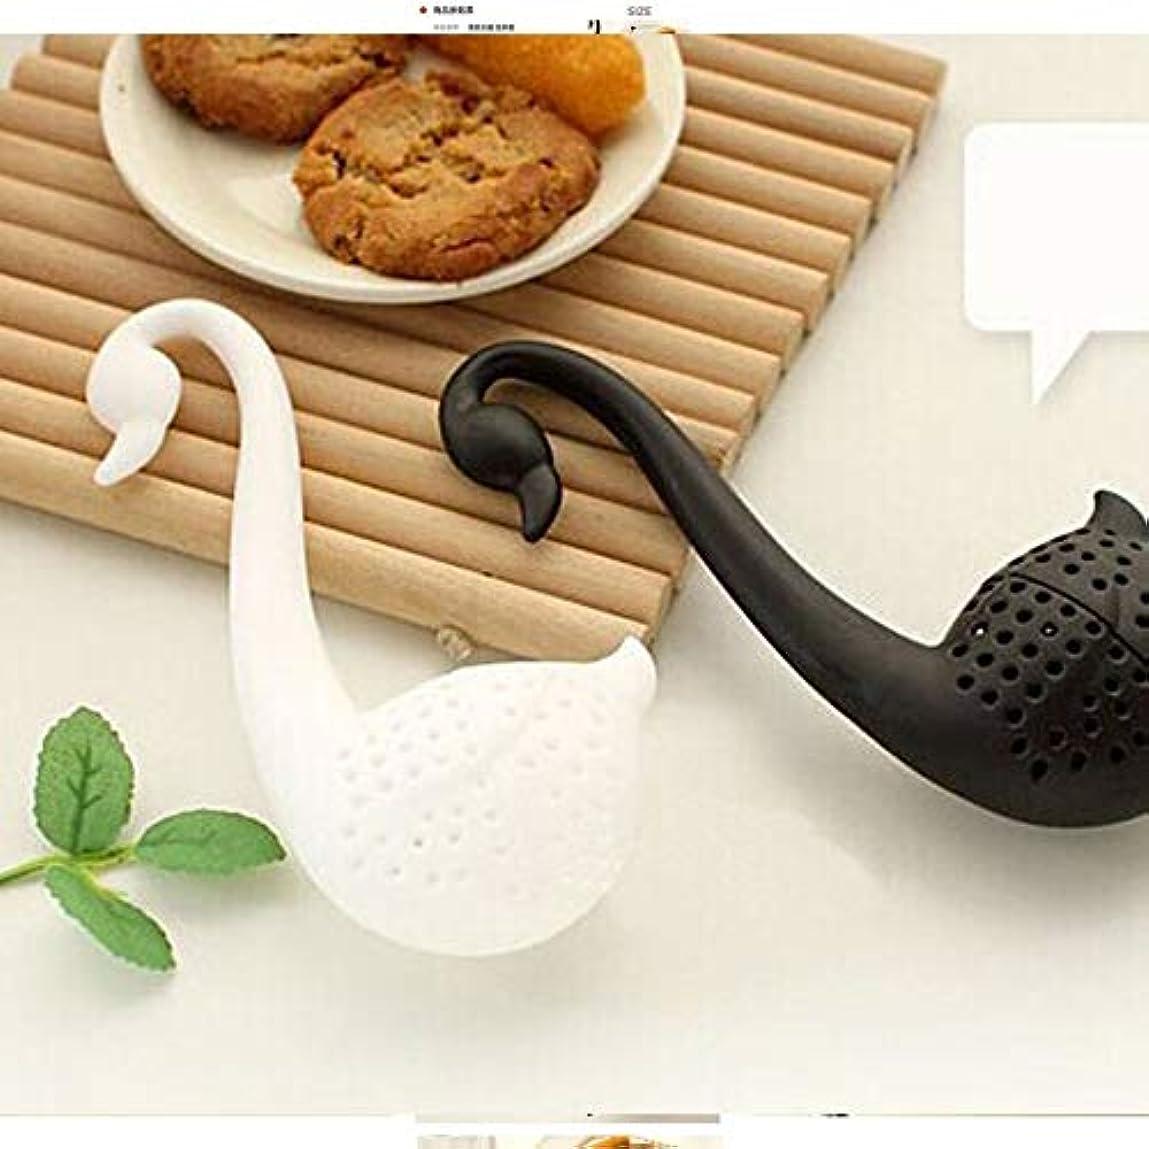 クリエイティブ茶注入器はスワンルースティーストレーナーハーブスパイスフィルターディフューザーキッチンガジェットコーヒーフィルターカップ、グラスアクセサリー